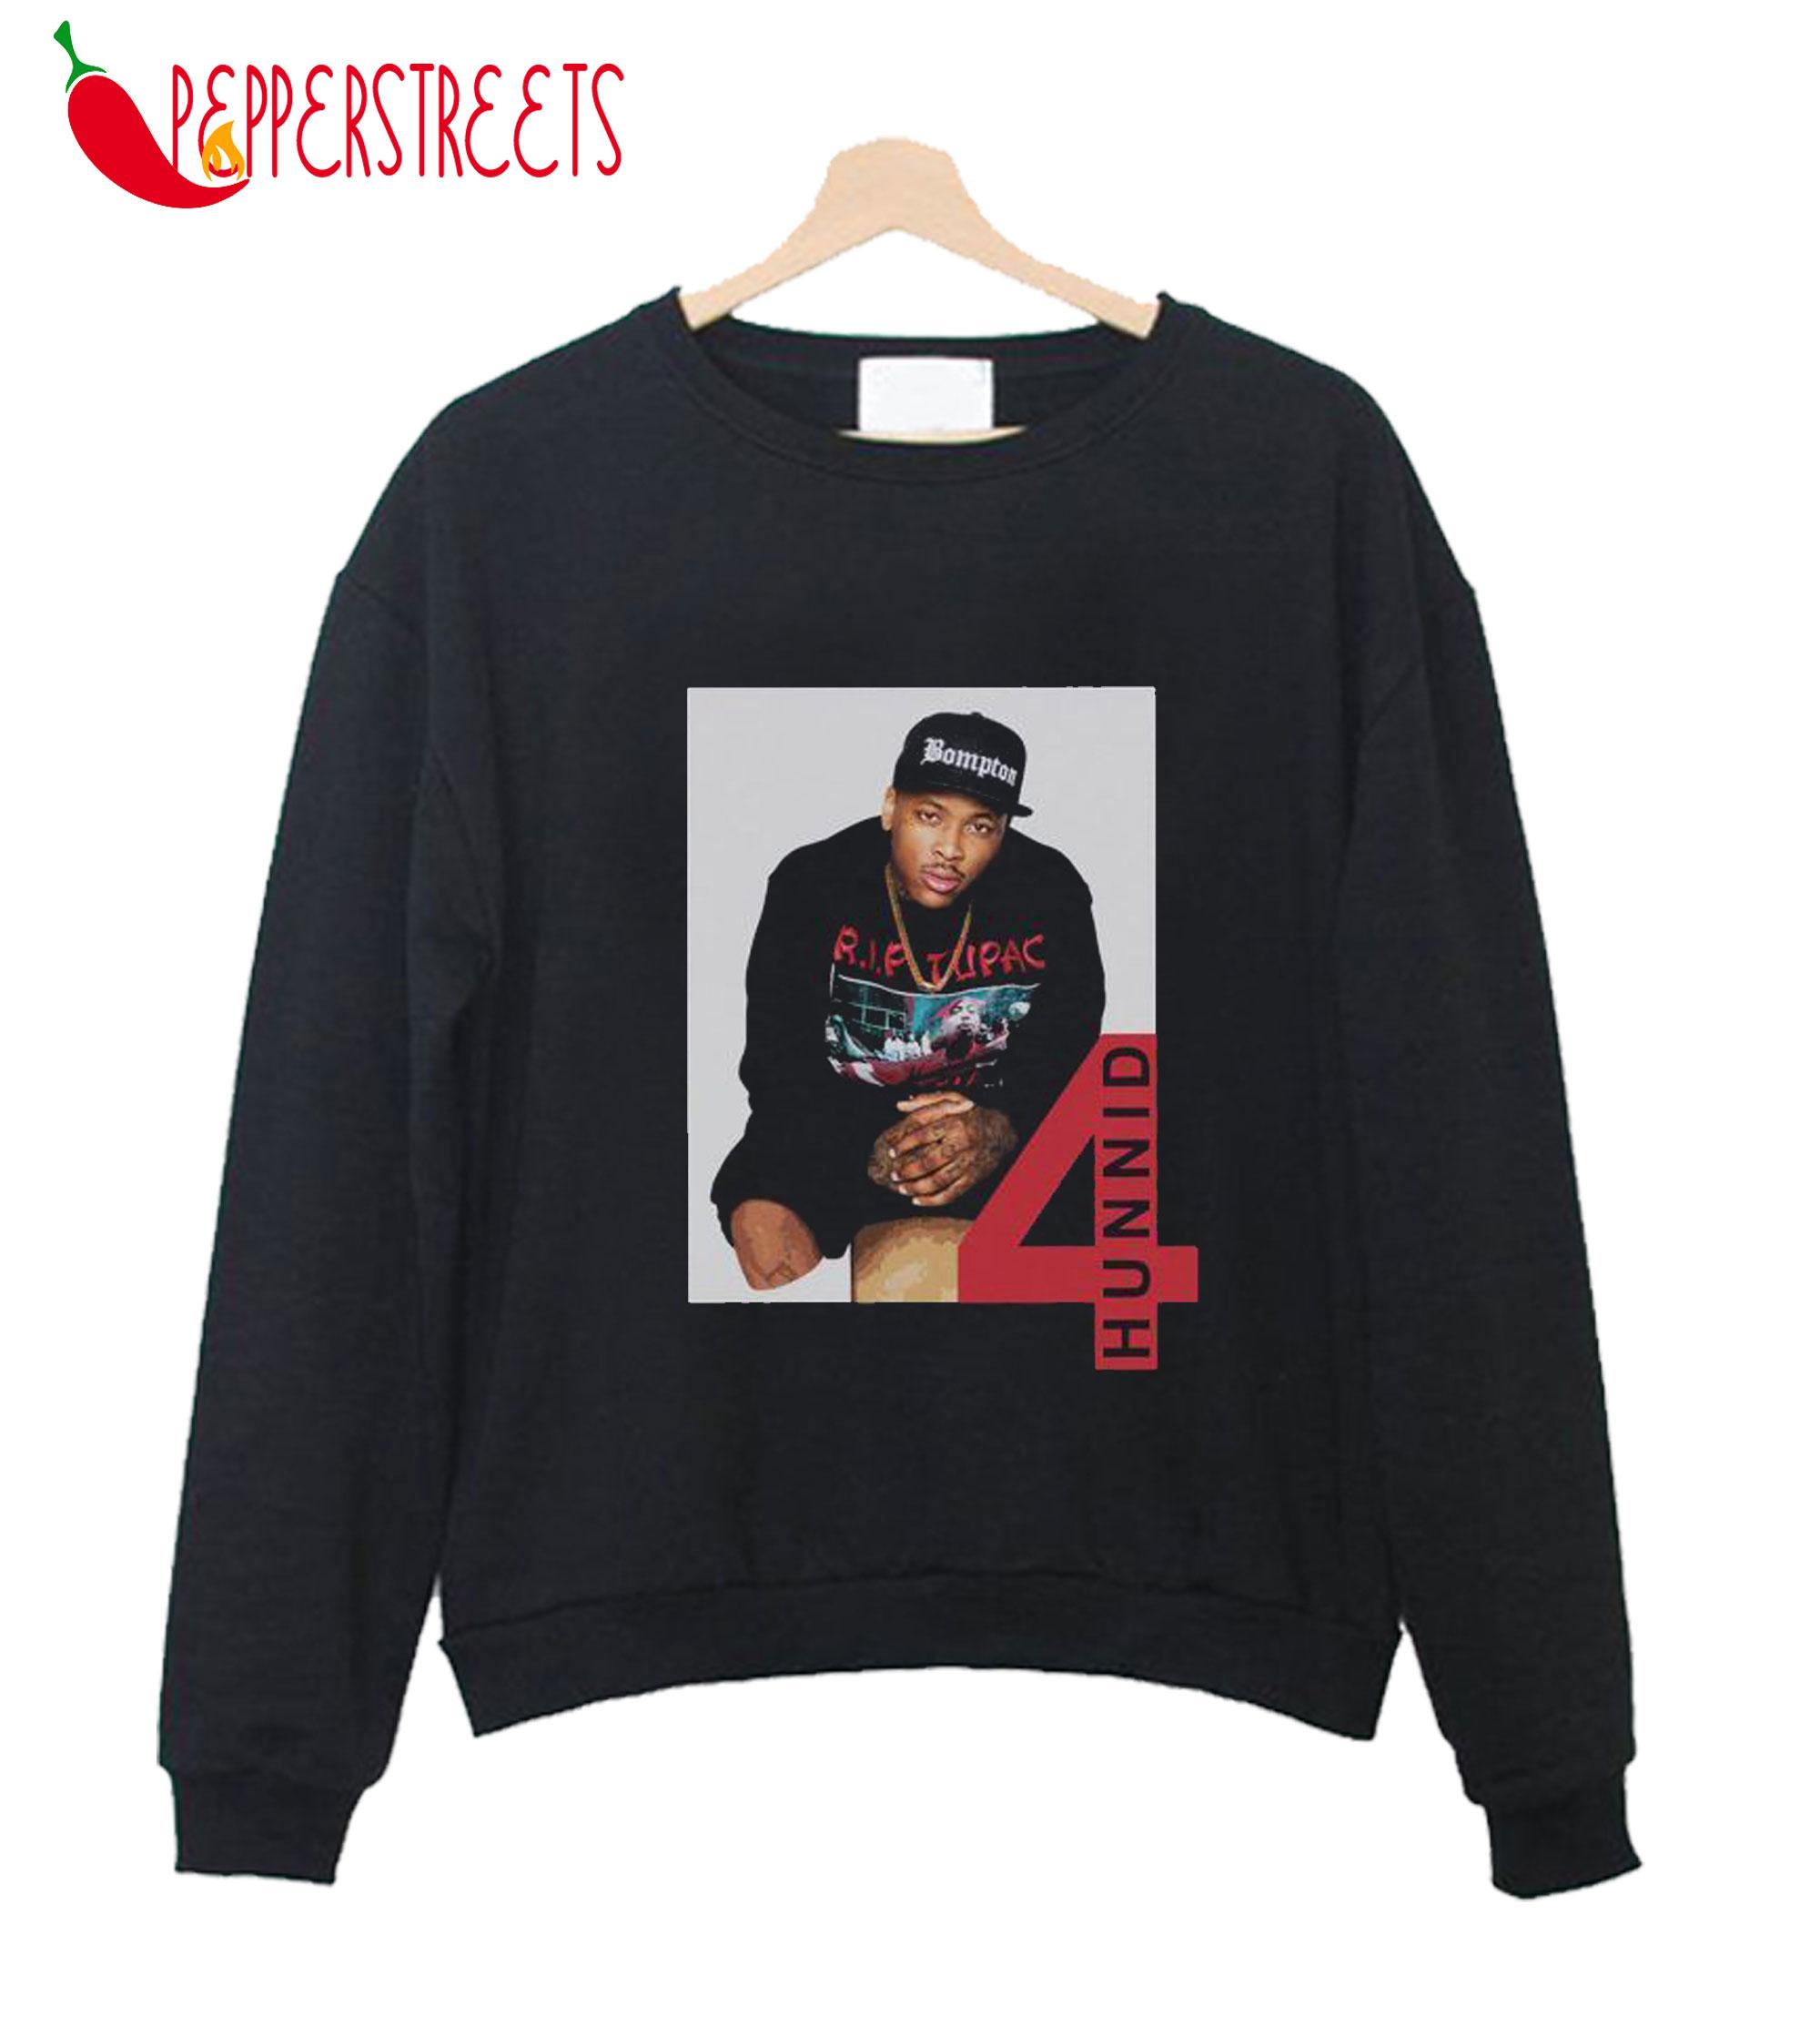 4Hunnid4Hunnid R.I.P Tupac Sweatshirt R.I.P Tupac Sweatshirt